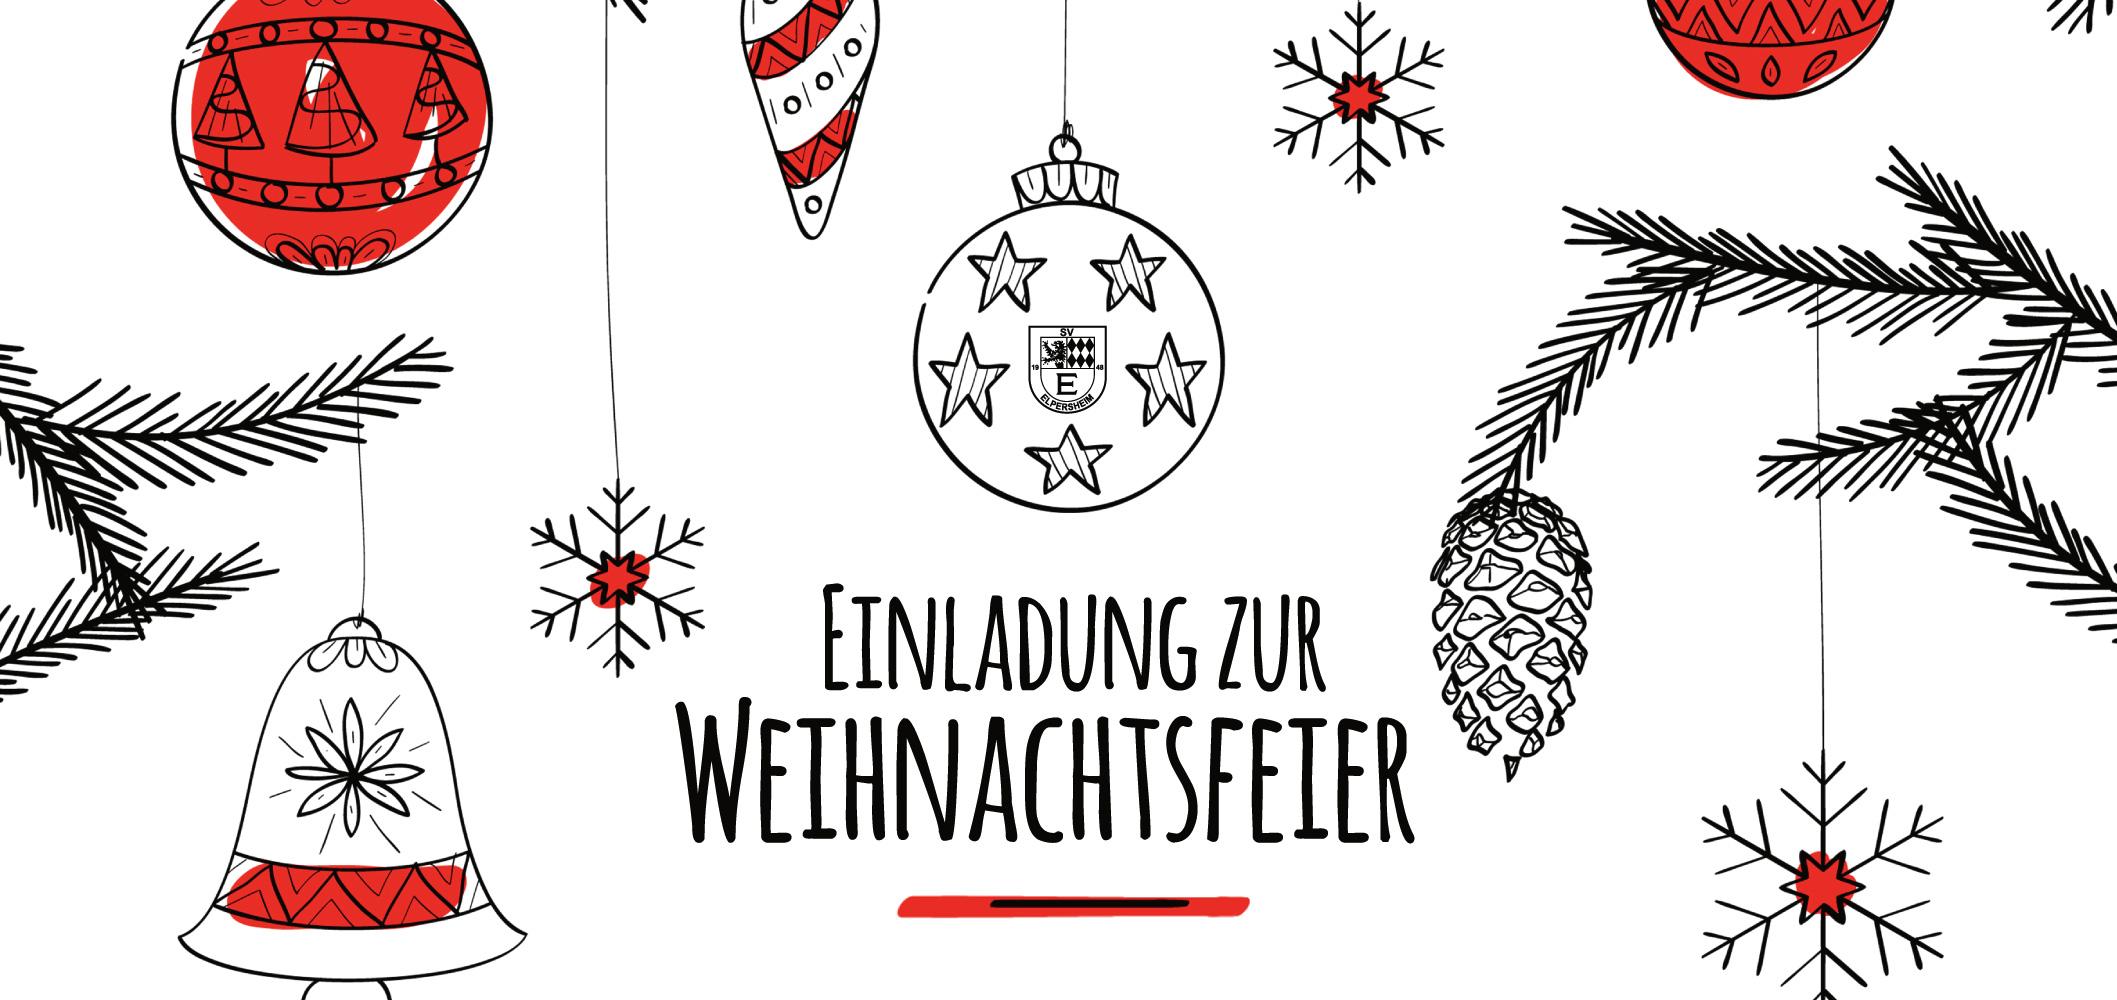 Einladung_Weihnachtsfeier_breit